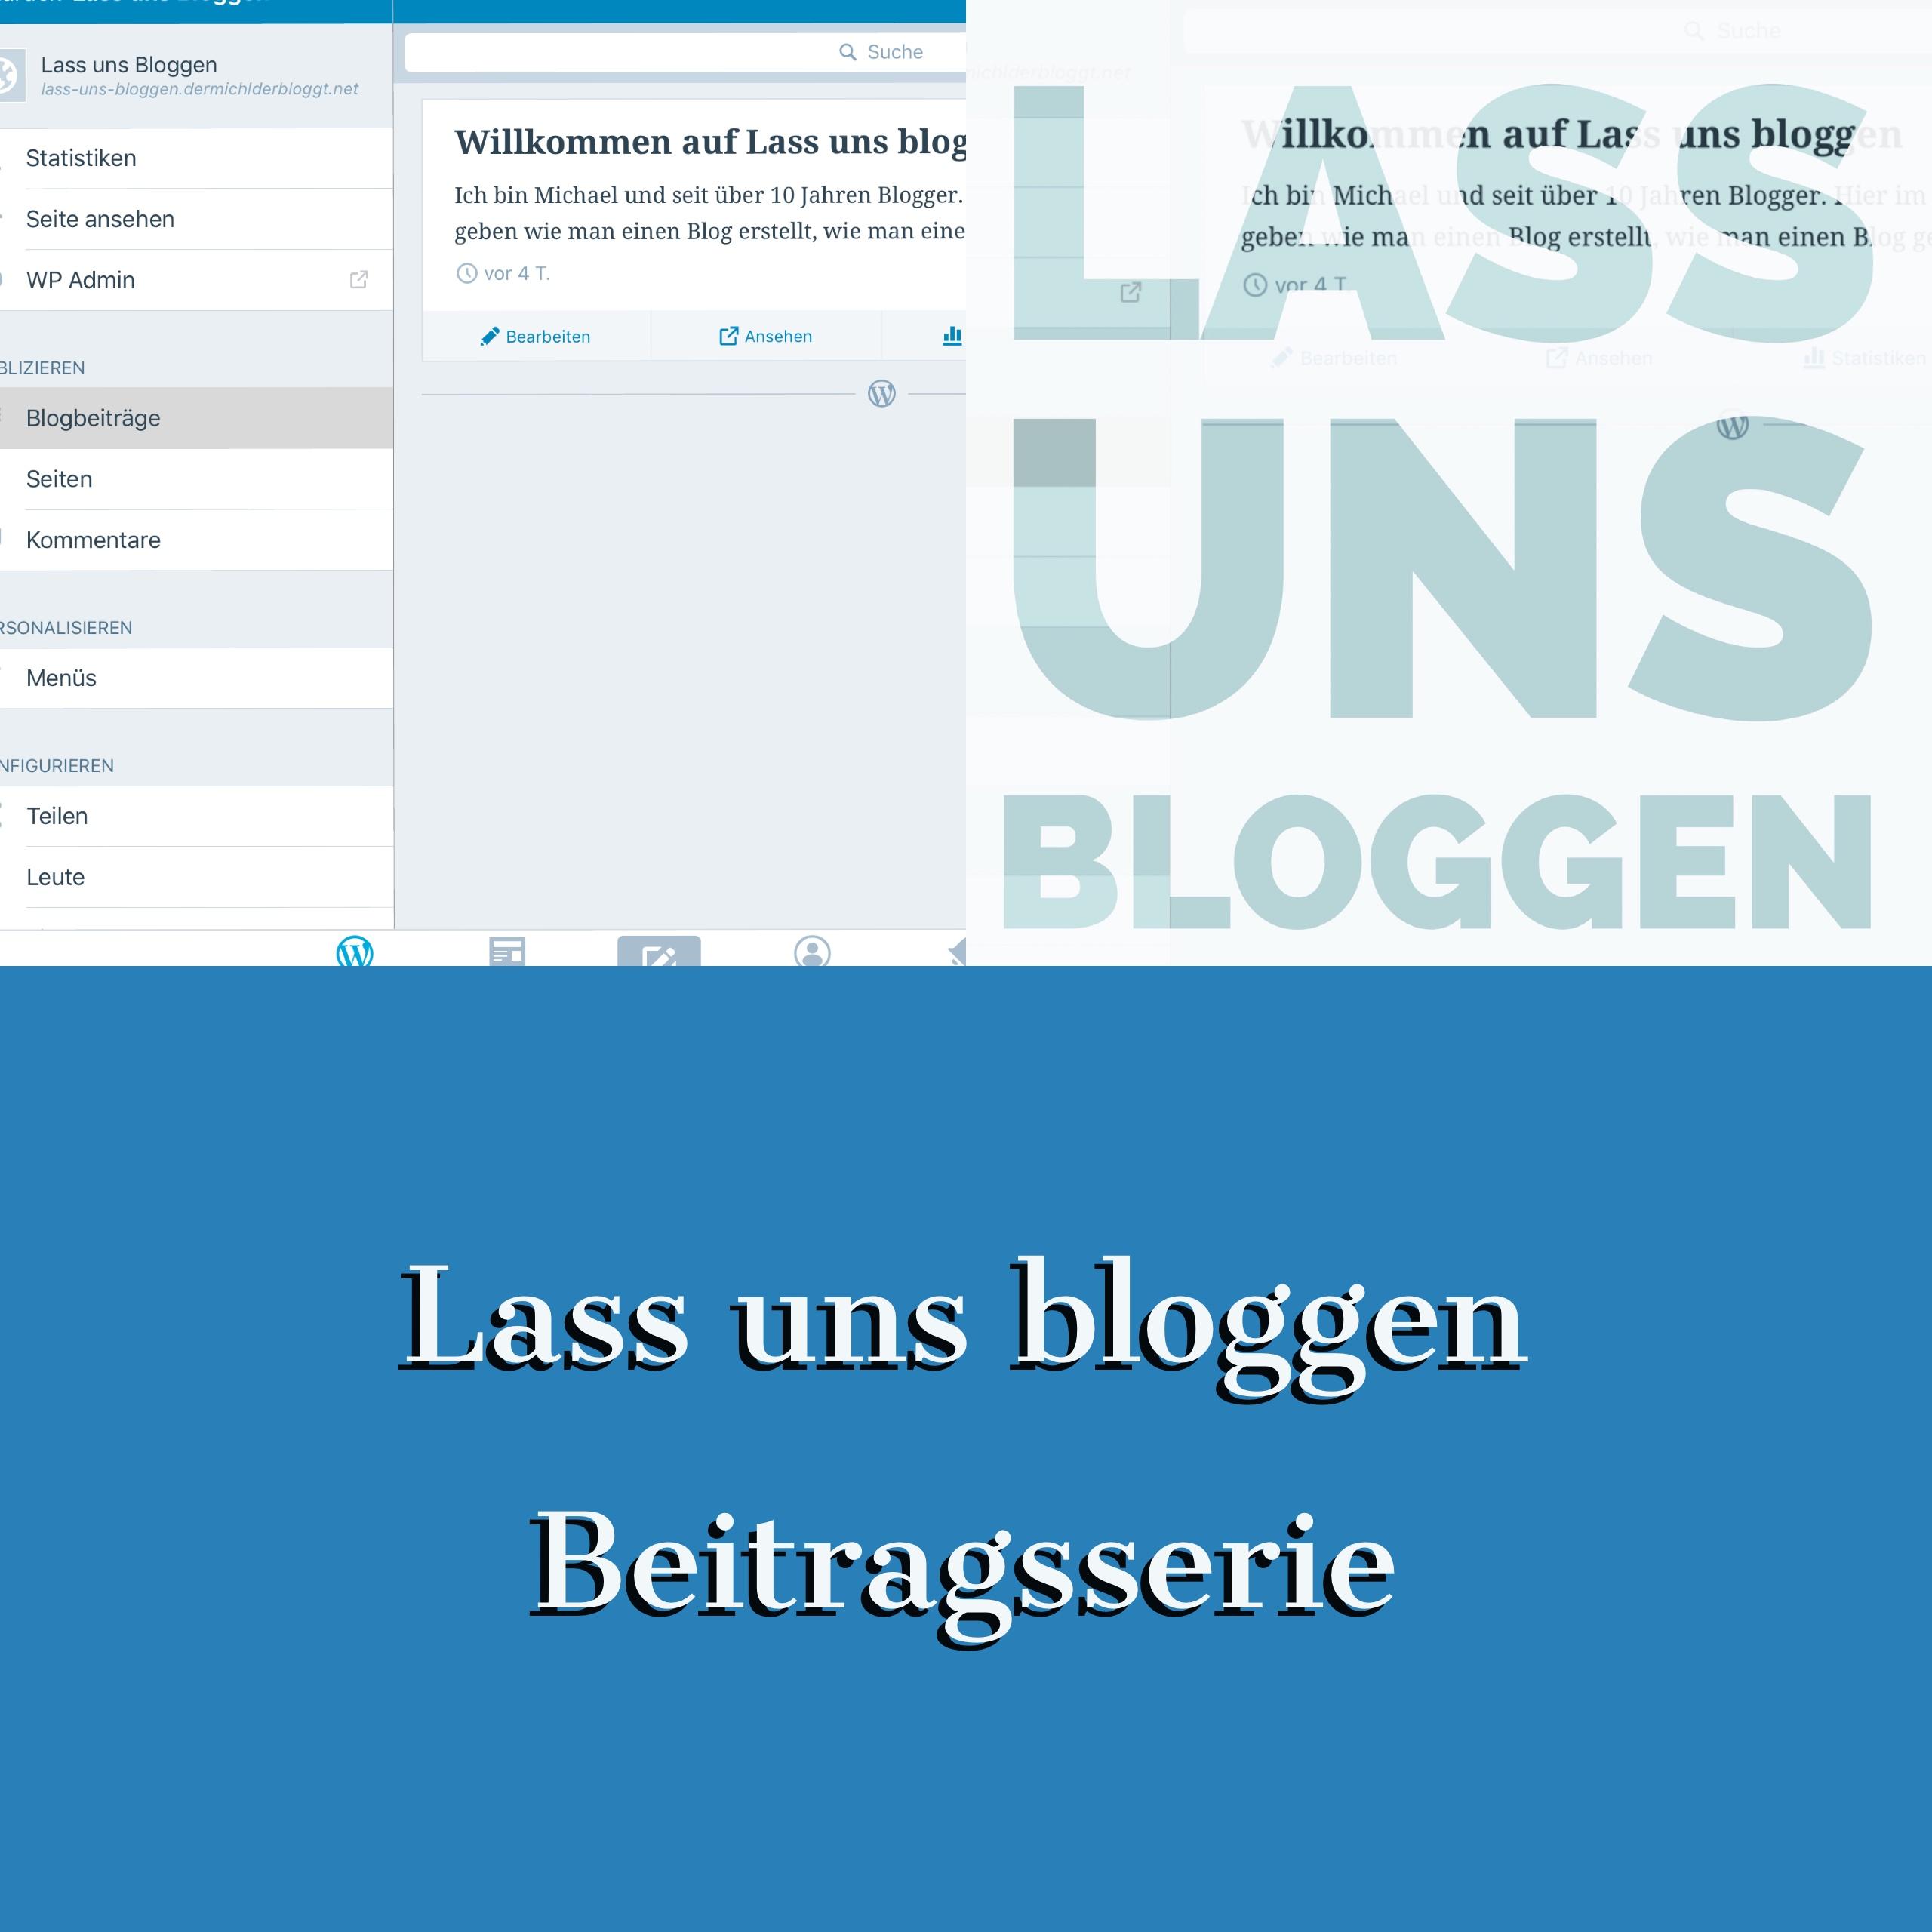 Beitragsserie bloggen mit Wordpress